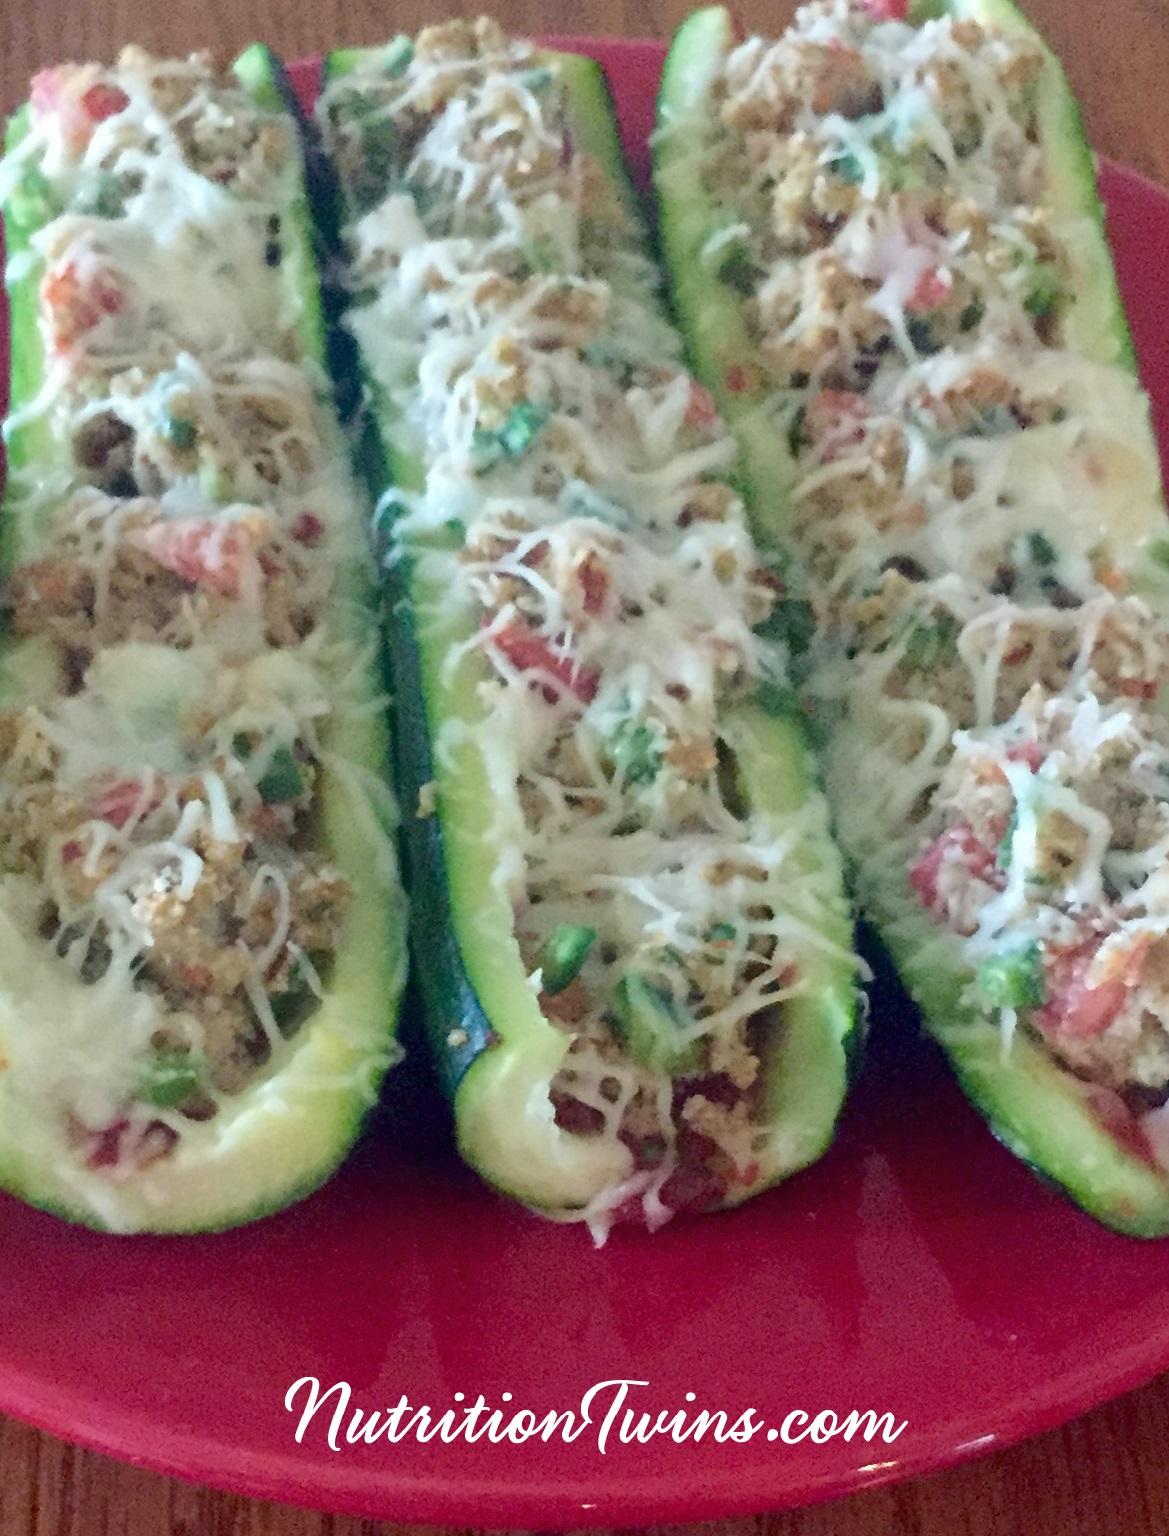 zucchini cropped